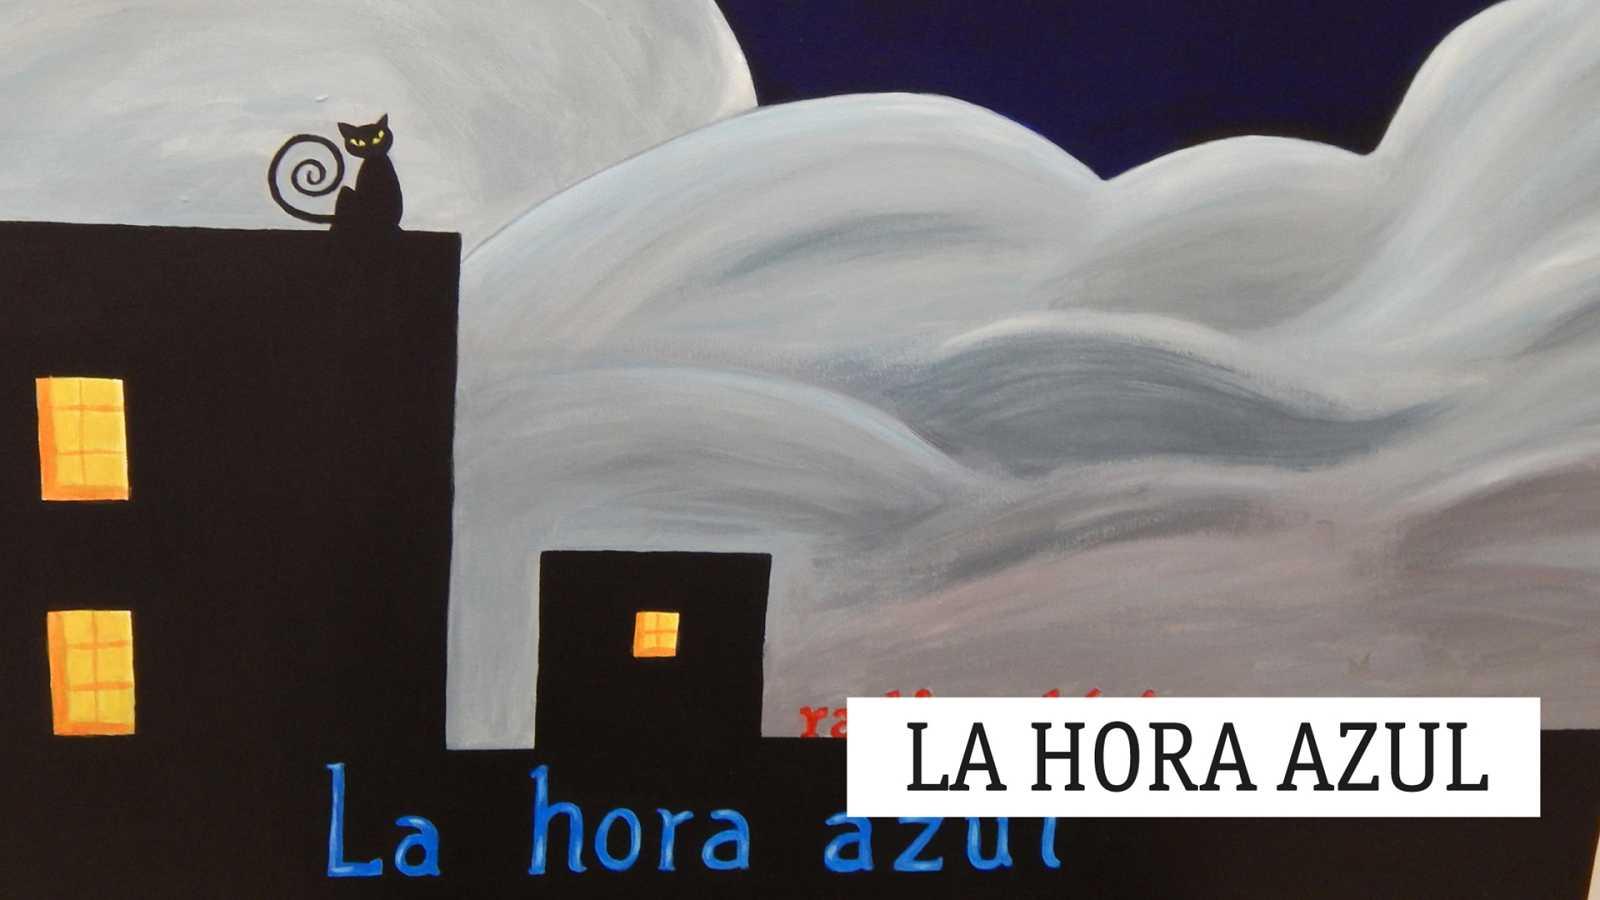 La hora azul - Coplas y fiesta - 13/10/20 - escuchar ahora